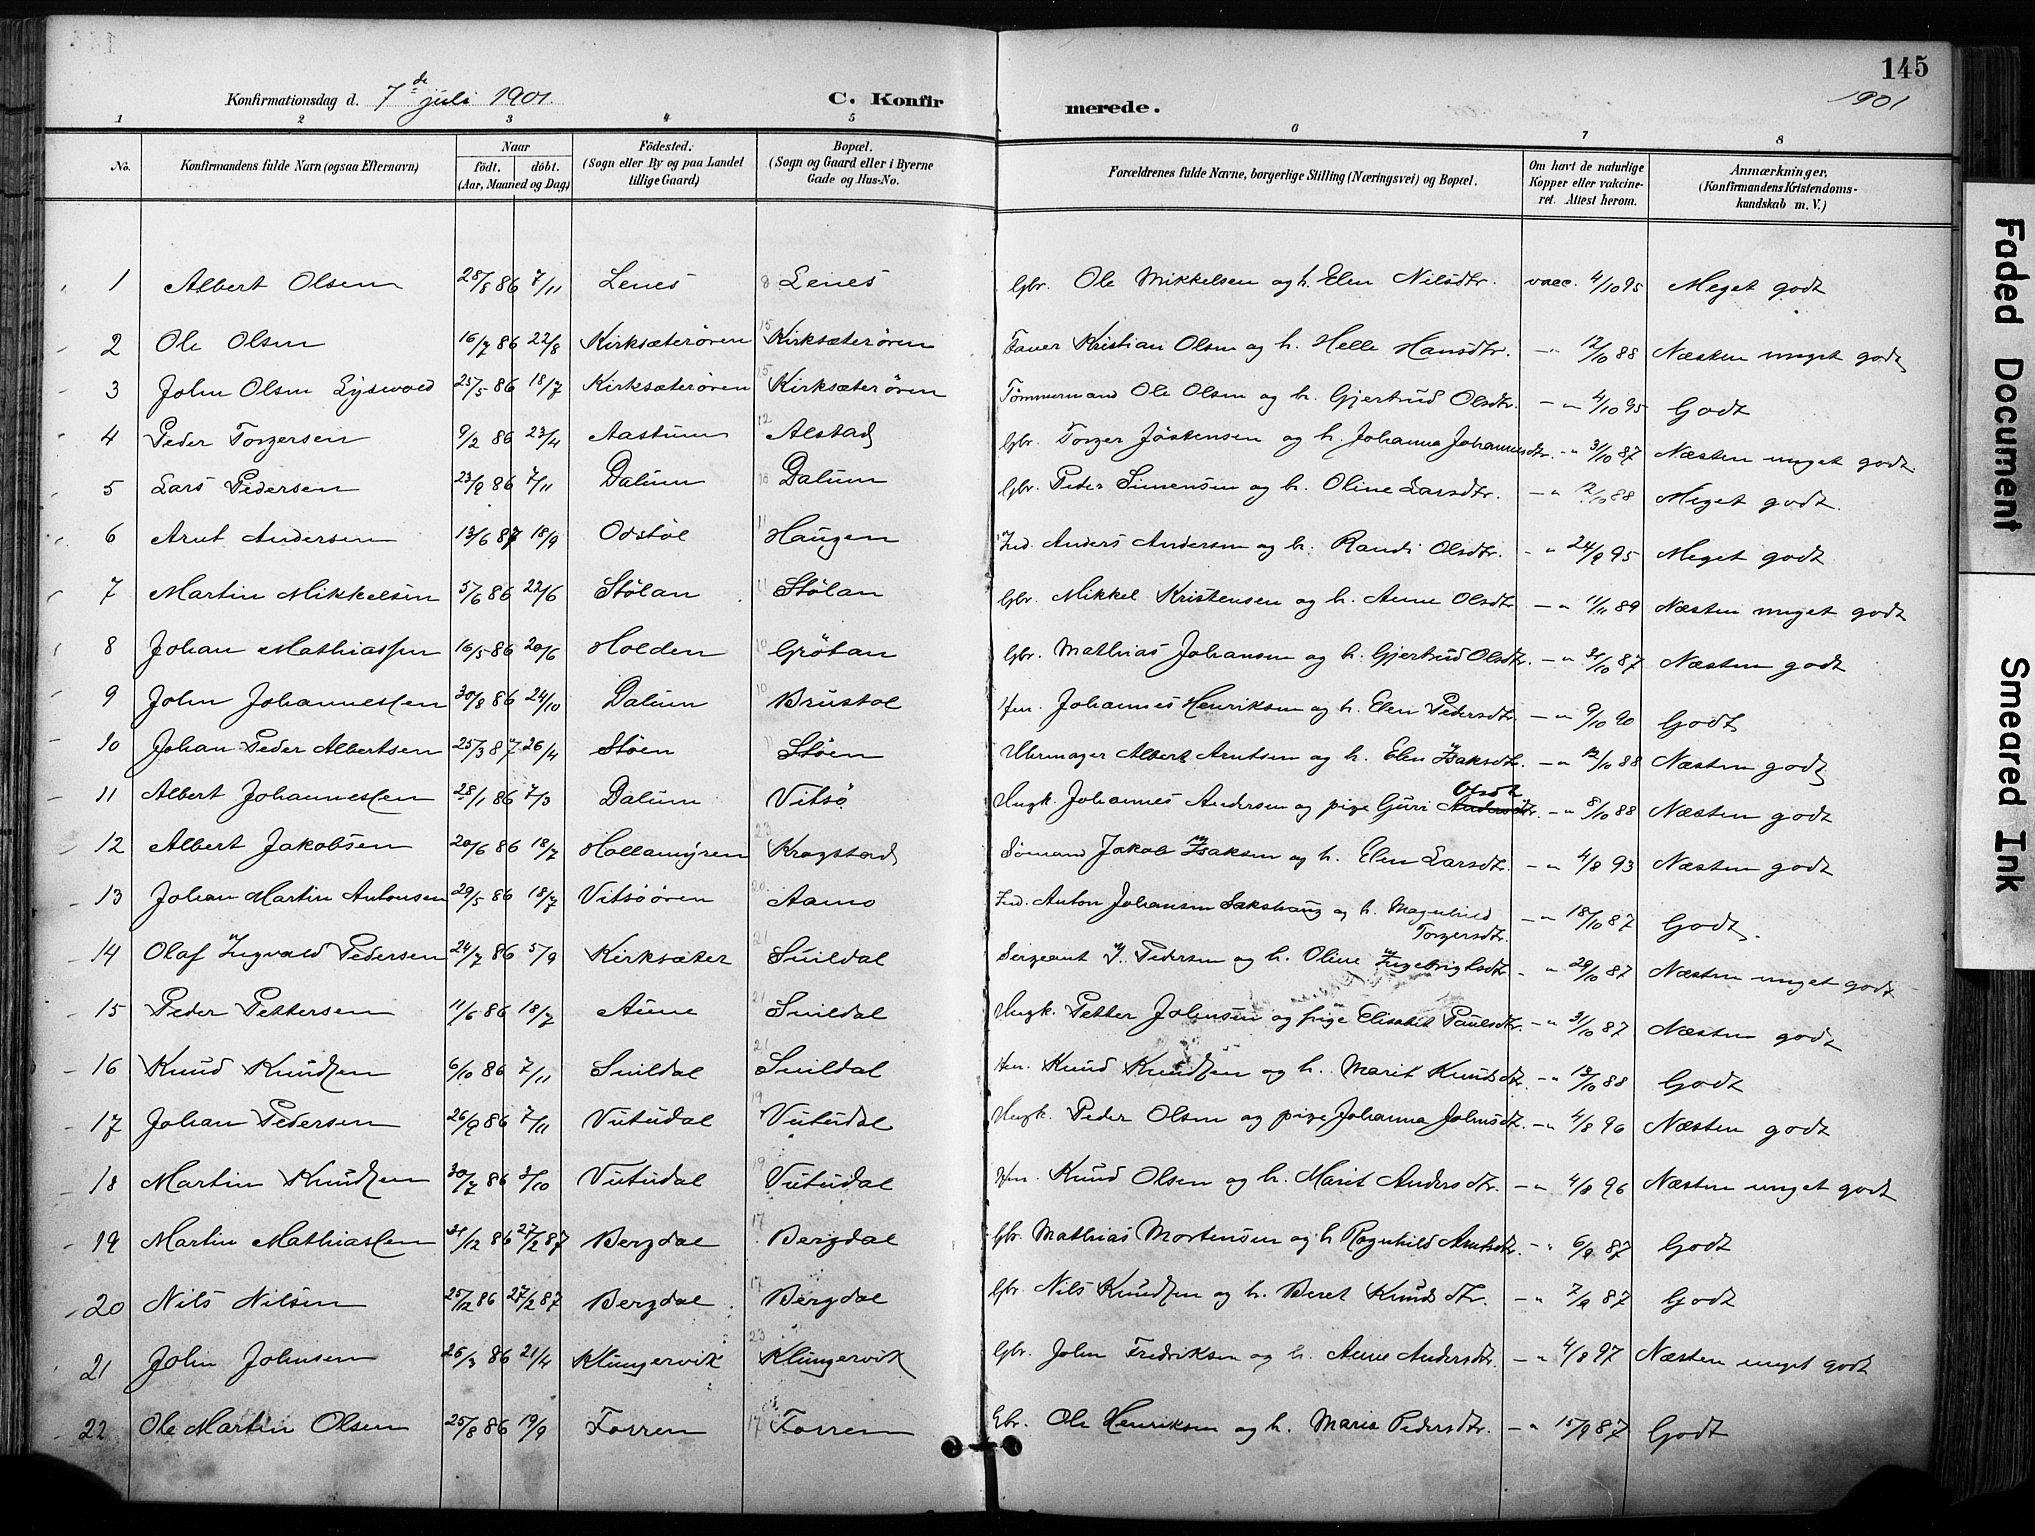 SAT, Ministerialprotokoller, klokkerbøker og fødselsregistre - Sør-Trøndelag, 630/L0497: Ministerialbok nr. 630A10, 1896-1910, s. 145